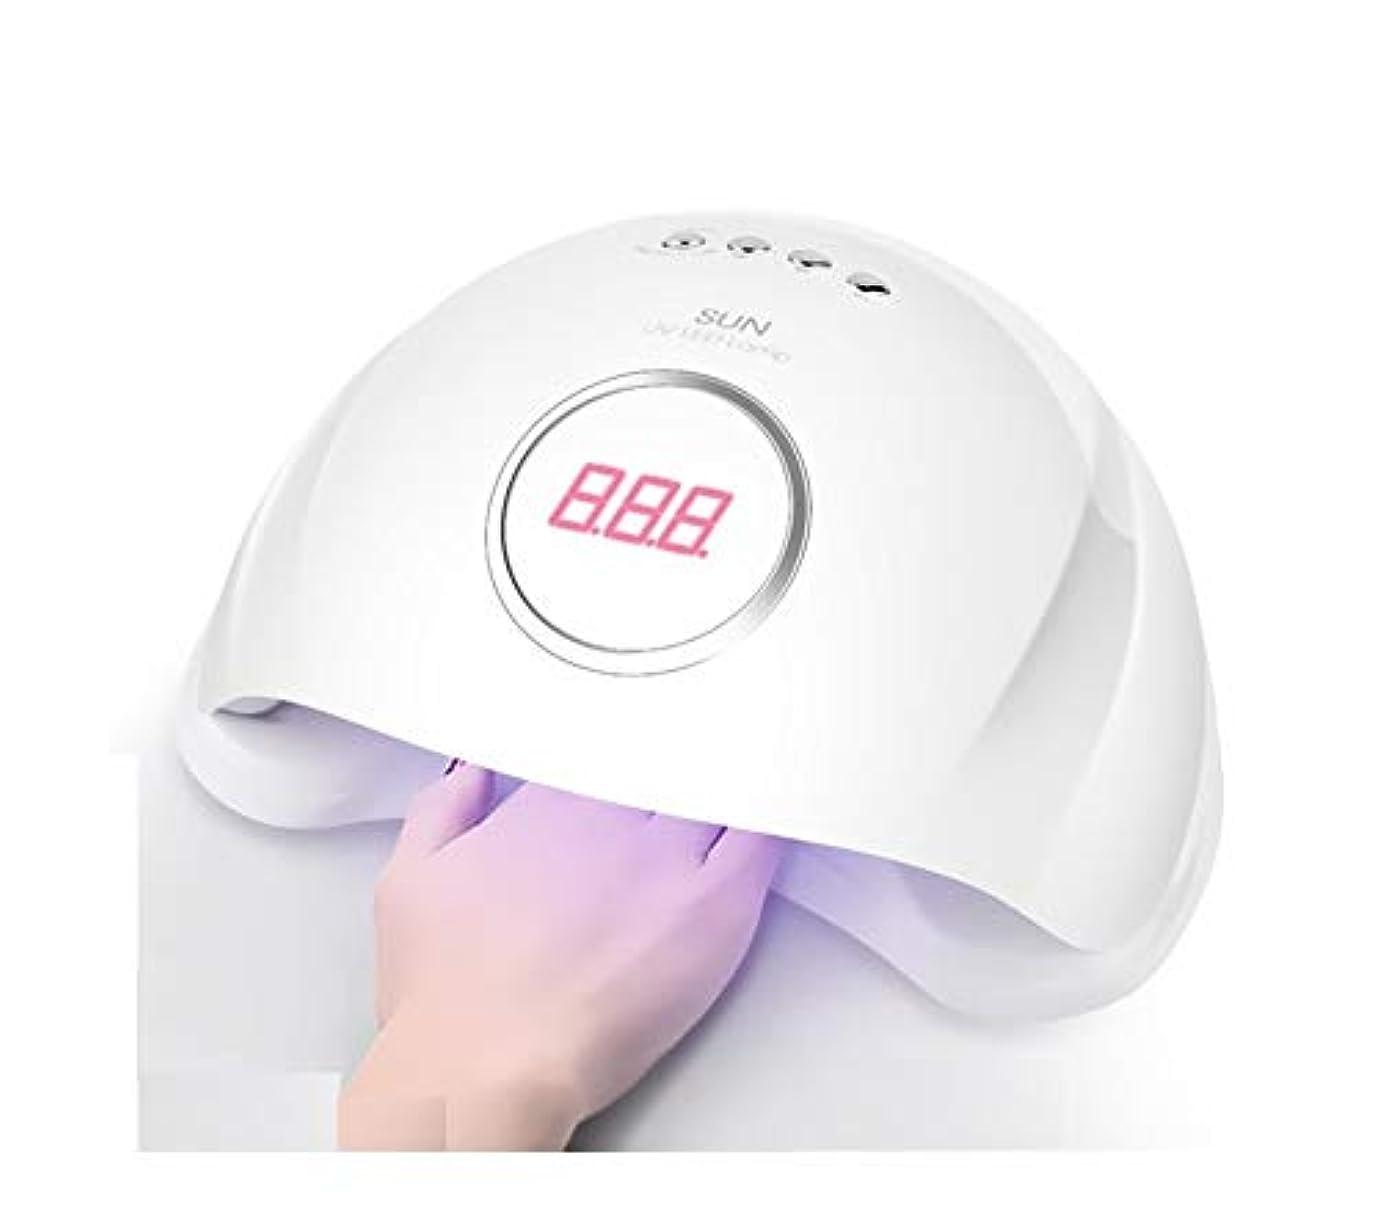 マニフェスト予算溶けたLittleCat 108WネイルUVランプ無痛LEDライトセラピーのマシンすべてプラスチックを乾燥させるために10秒 (色 : 72 watt round insert)